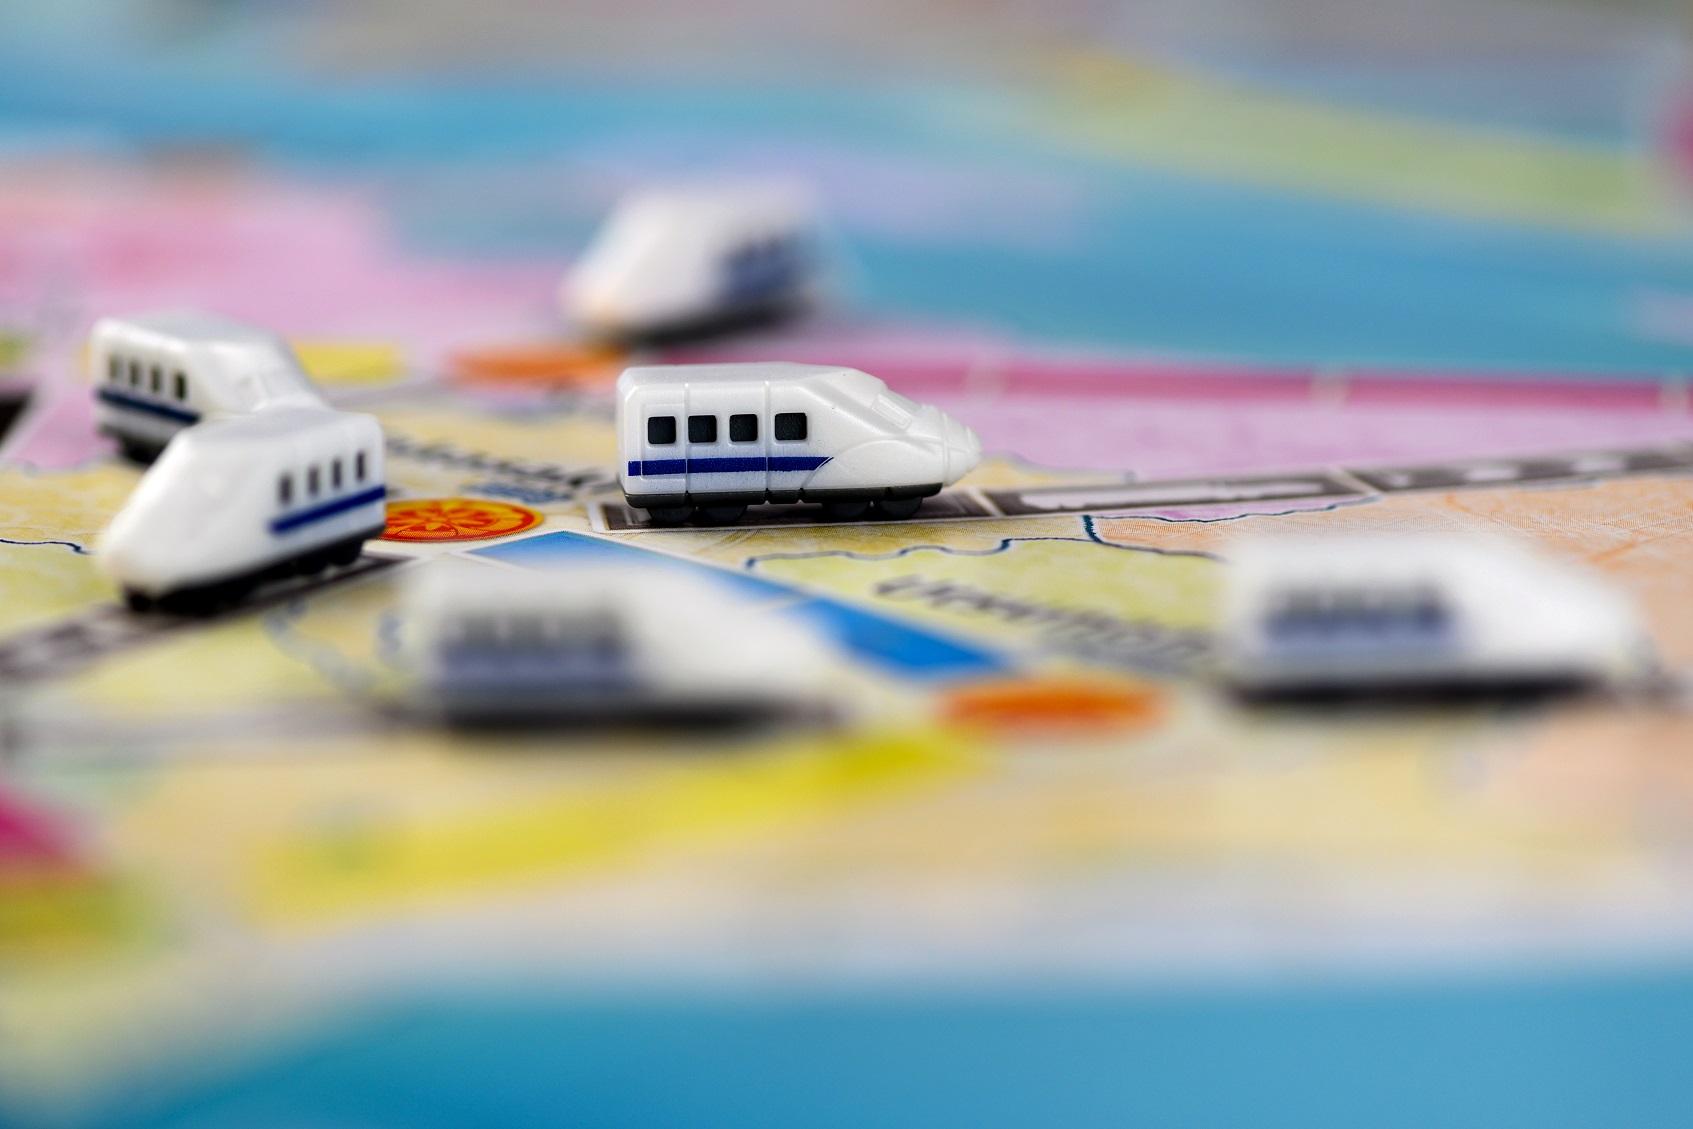 Po mapie Japonii będziemy mknąć superszybkimi pociągami.